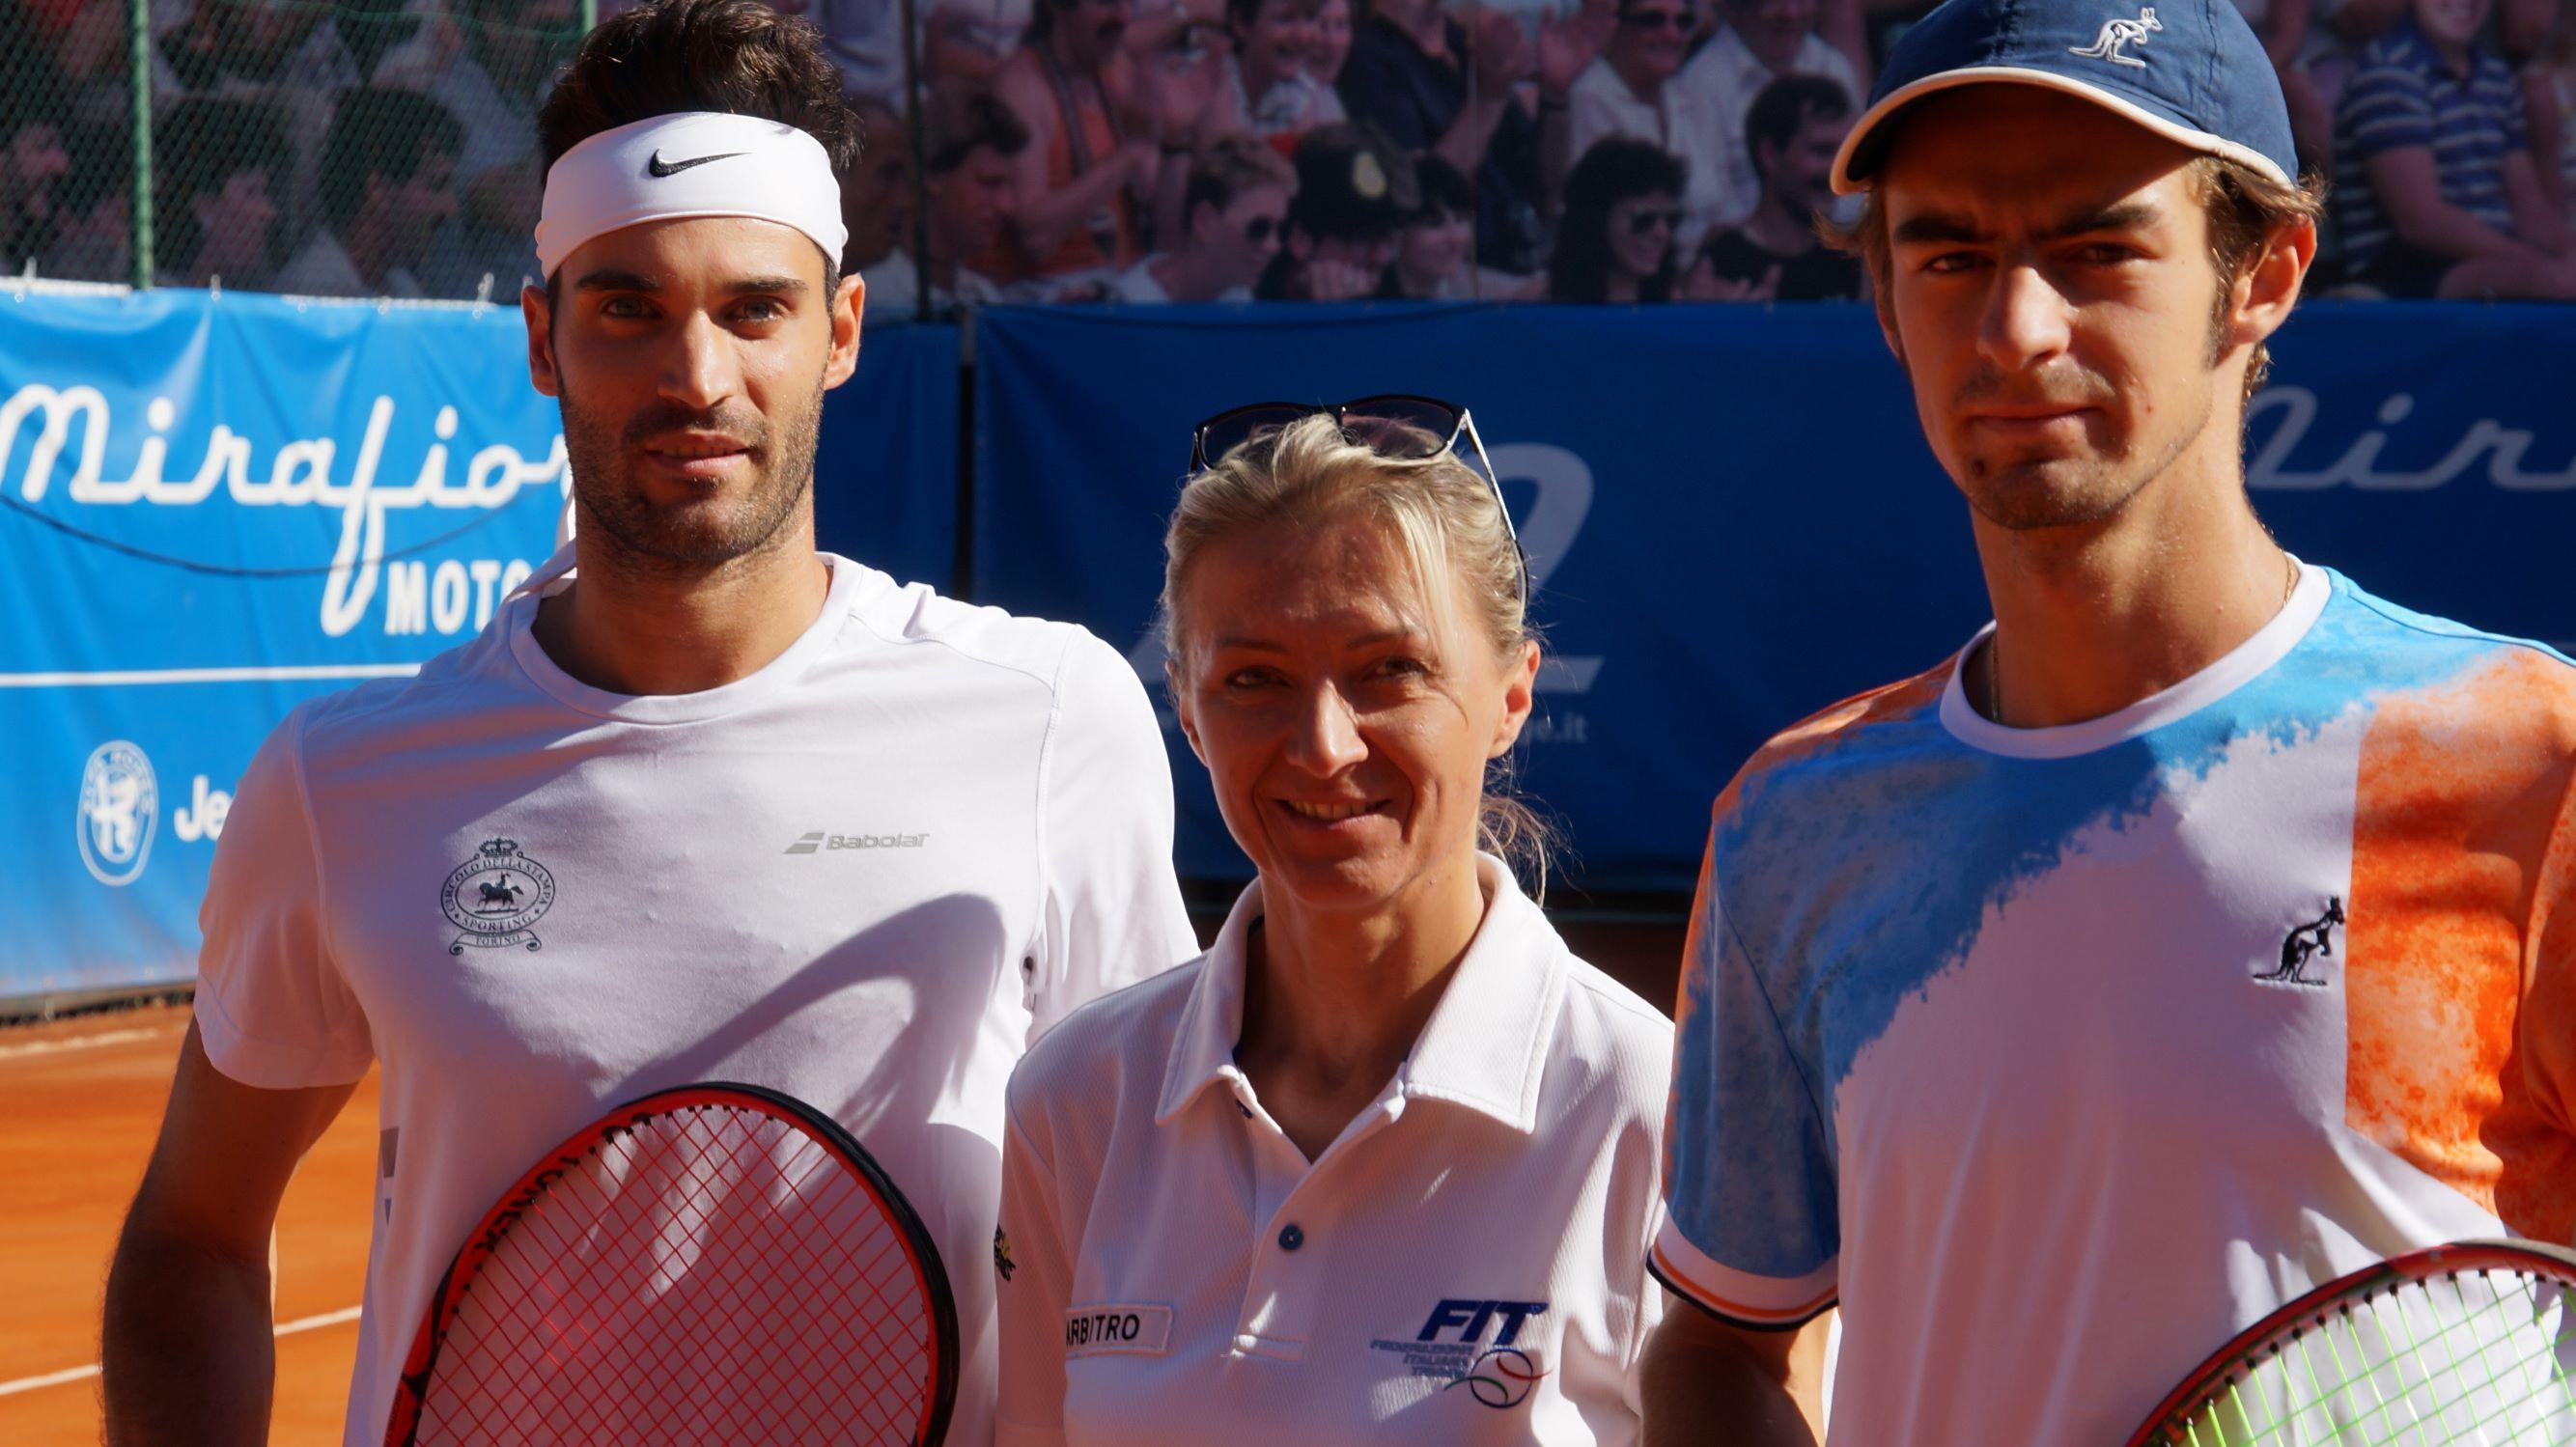 In foto i finalisti 2019 del tabellone Open maschile, Nicola Cigna (vincitore) e Alessio Giannuzzi